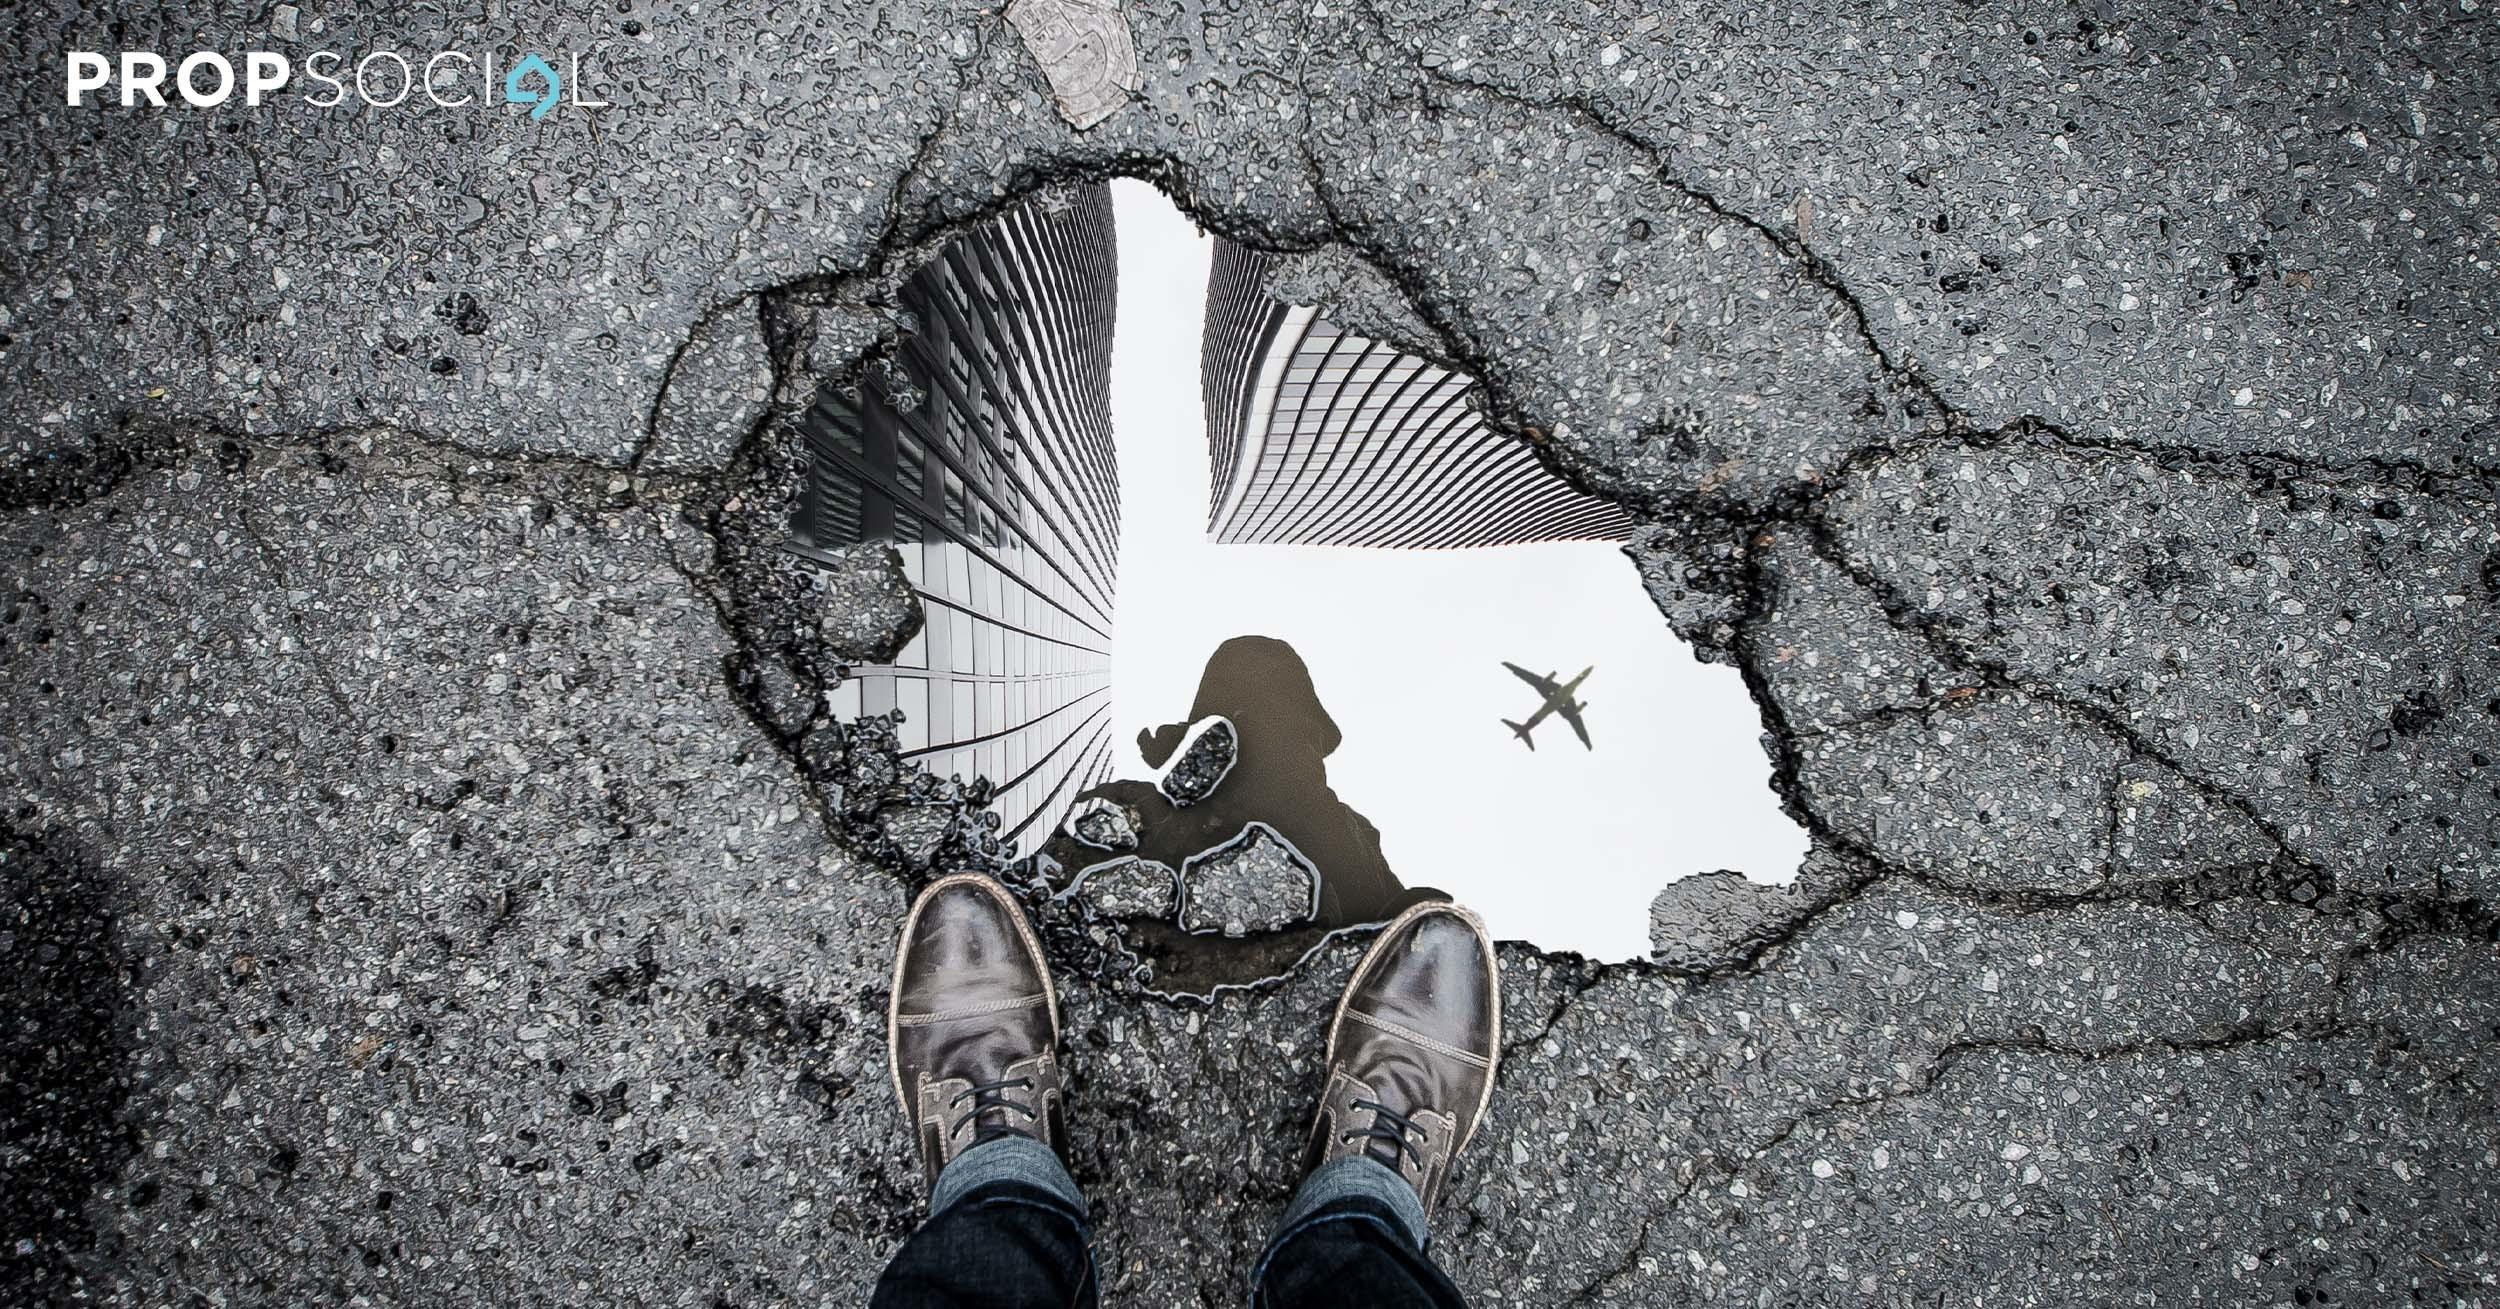 Articles potholes 2500 1